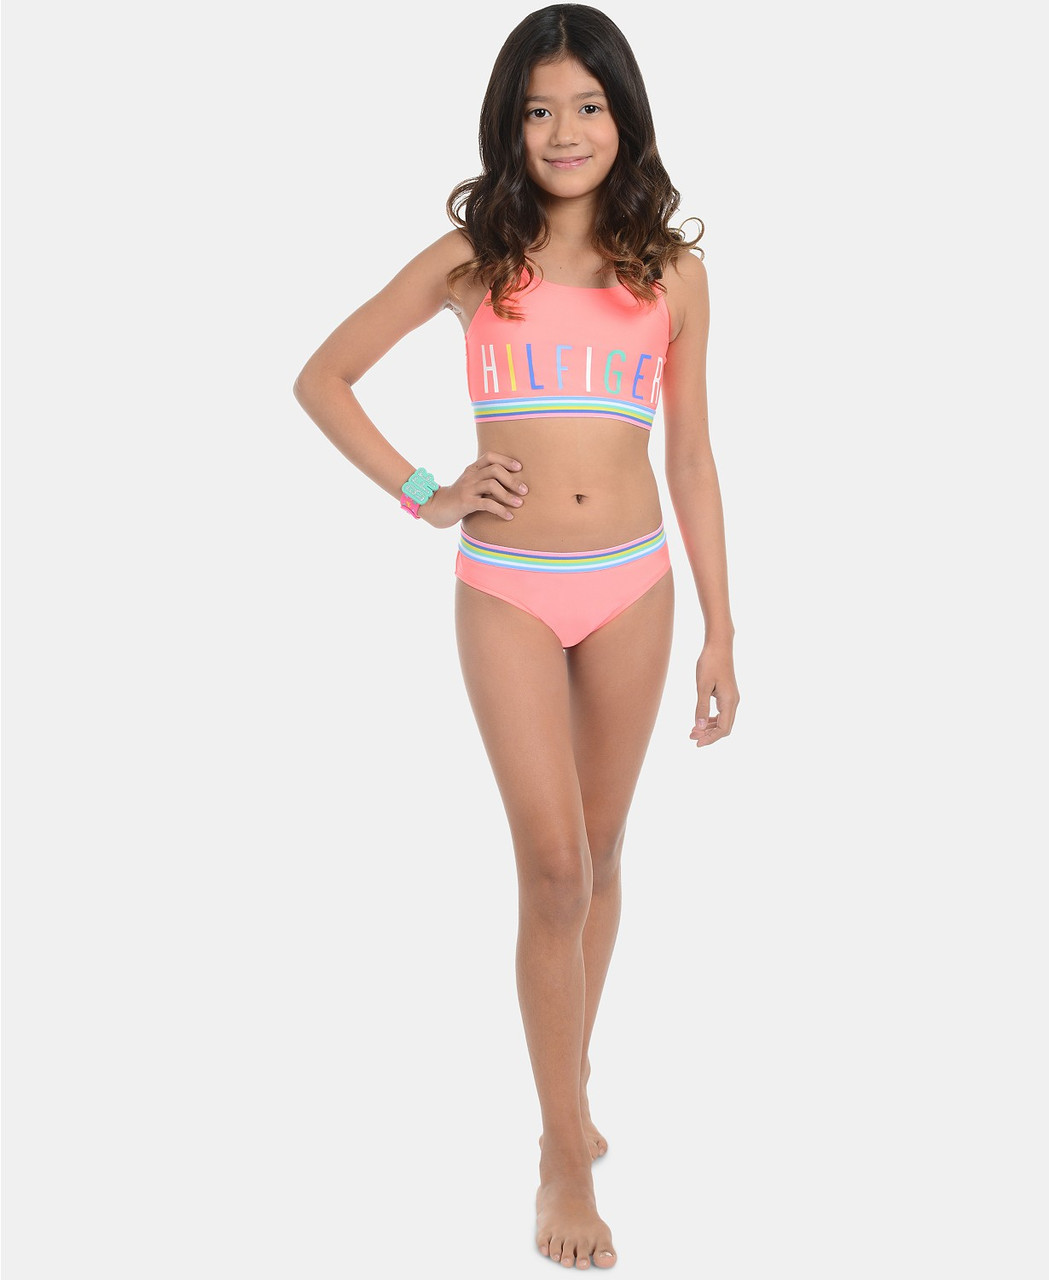 Tommy Hilfiger Детский купальник для девочек 2000000411507